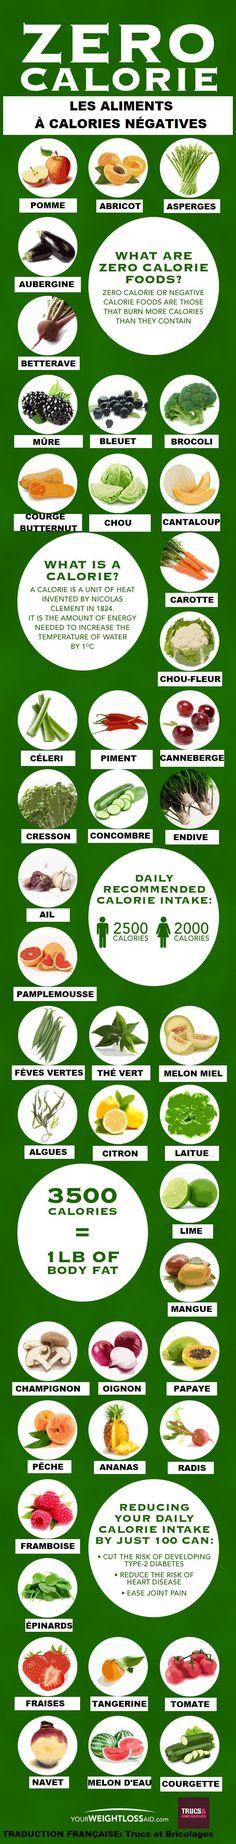 Les aliments à calories négatives